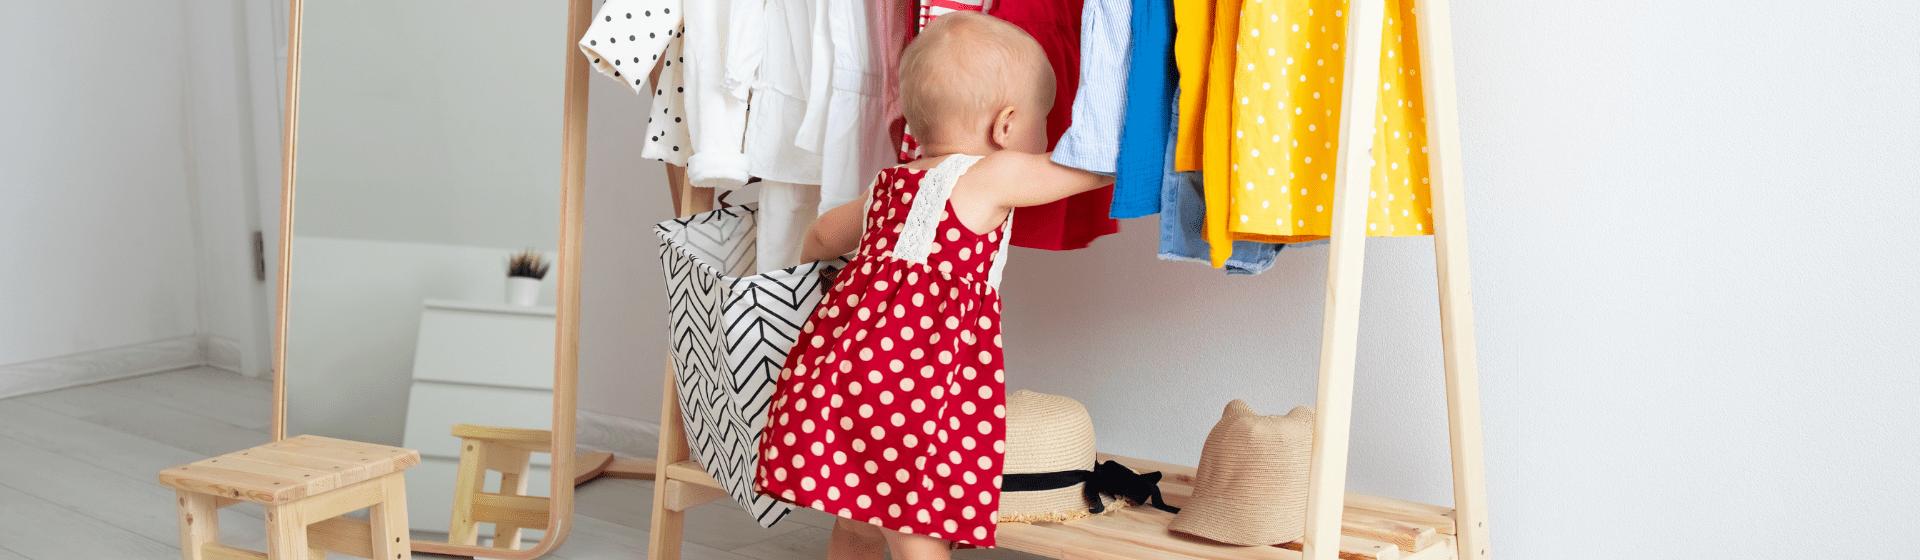 Mala de viagem para bebê: o que levar para viajar com o bebê?